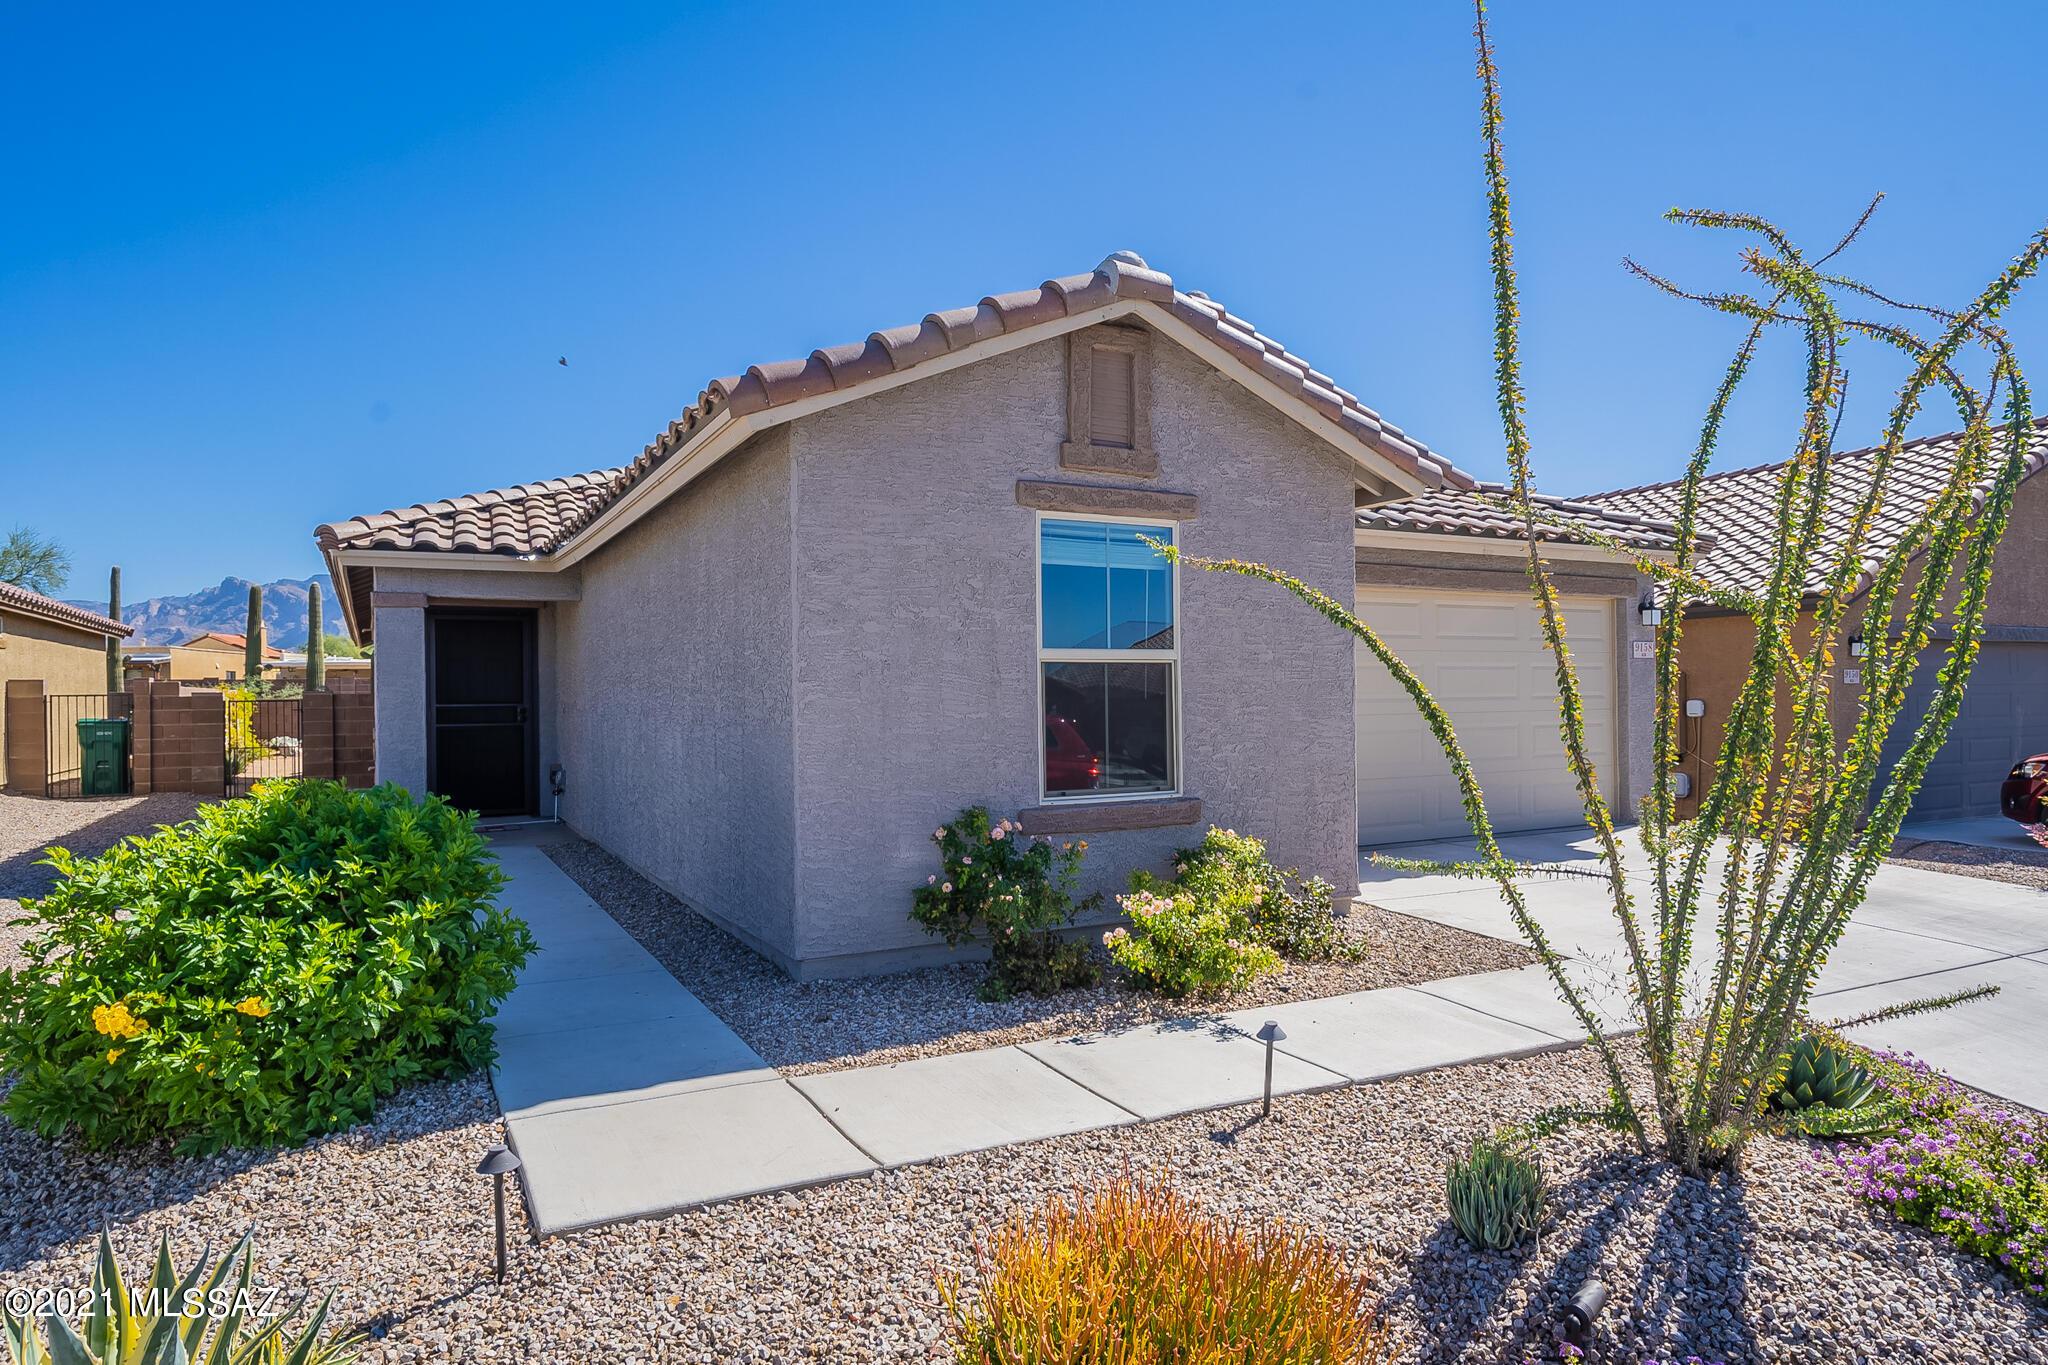 9158 N Wagon Spoke Court, Tucson, AZ 85742